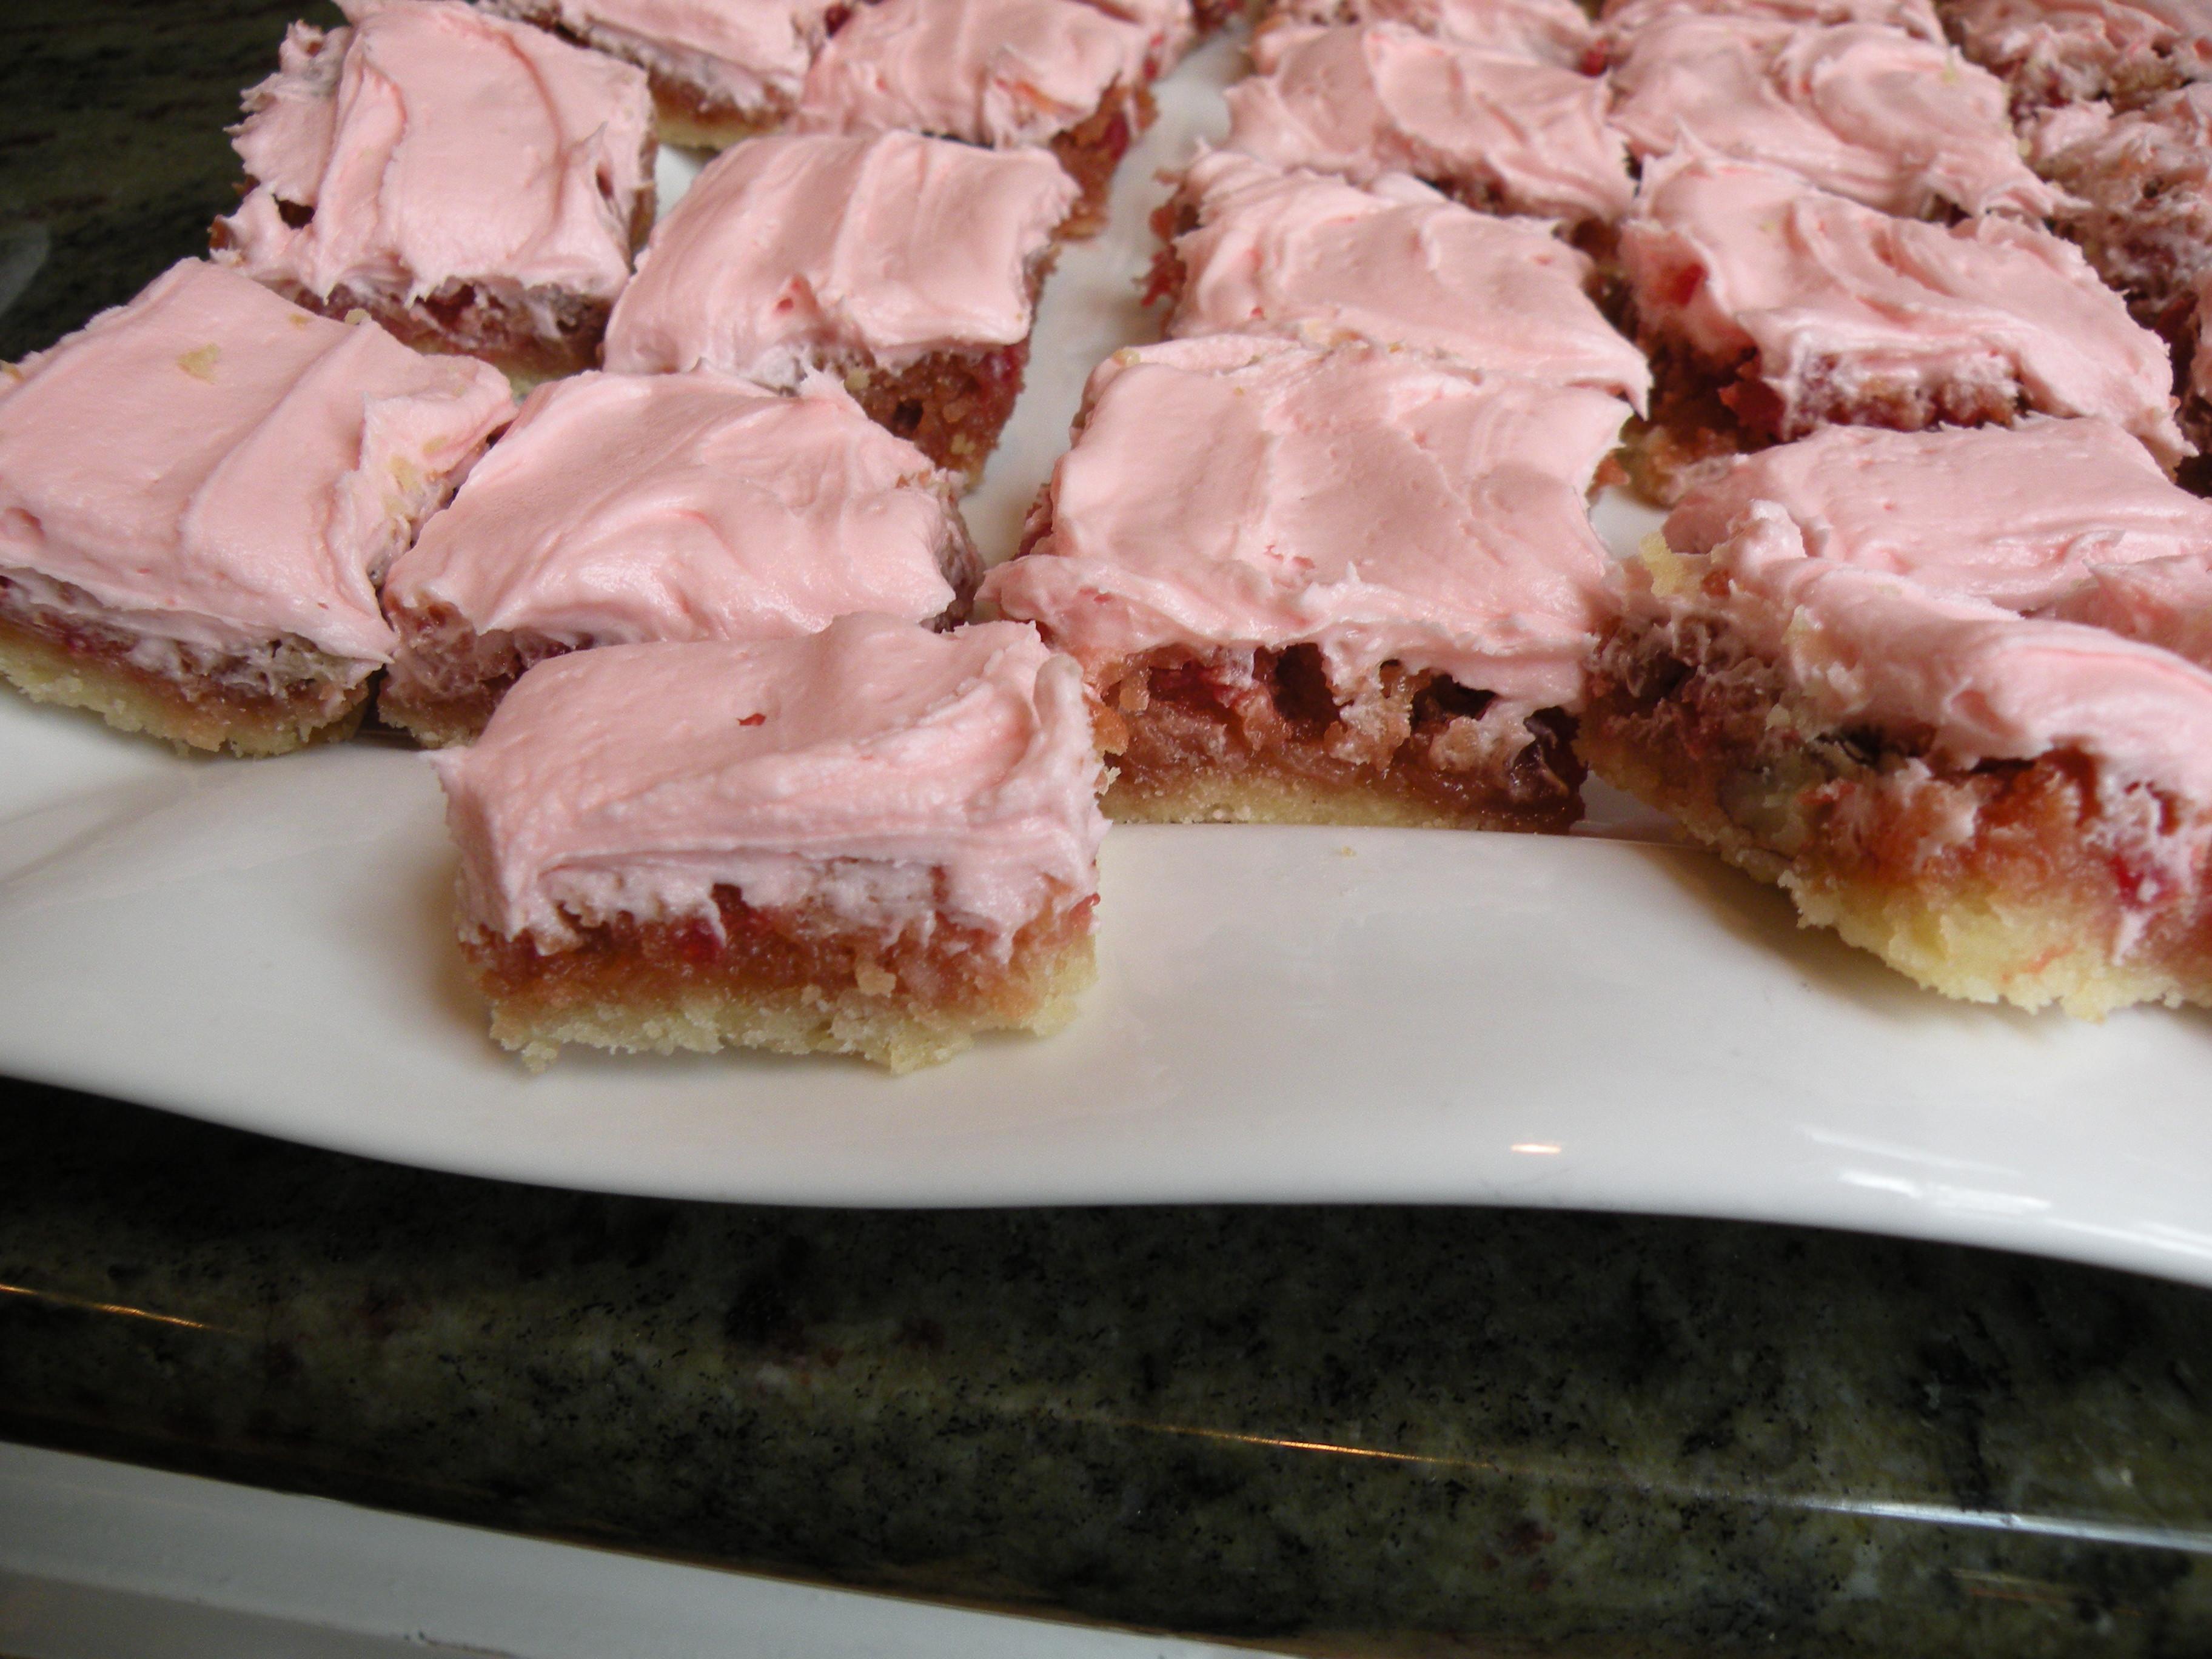 recipe: maraschino cherries almond extract [25]